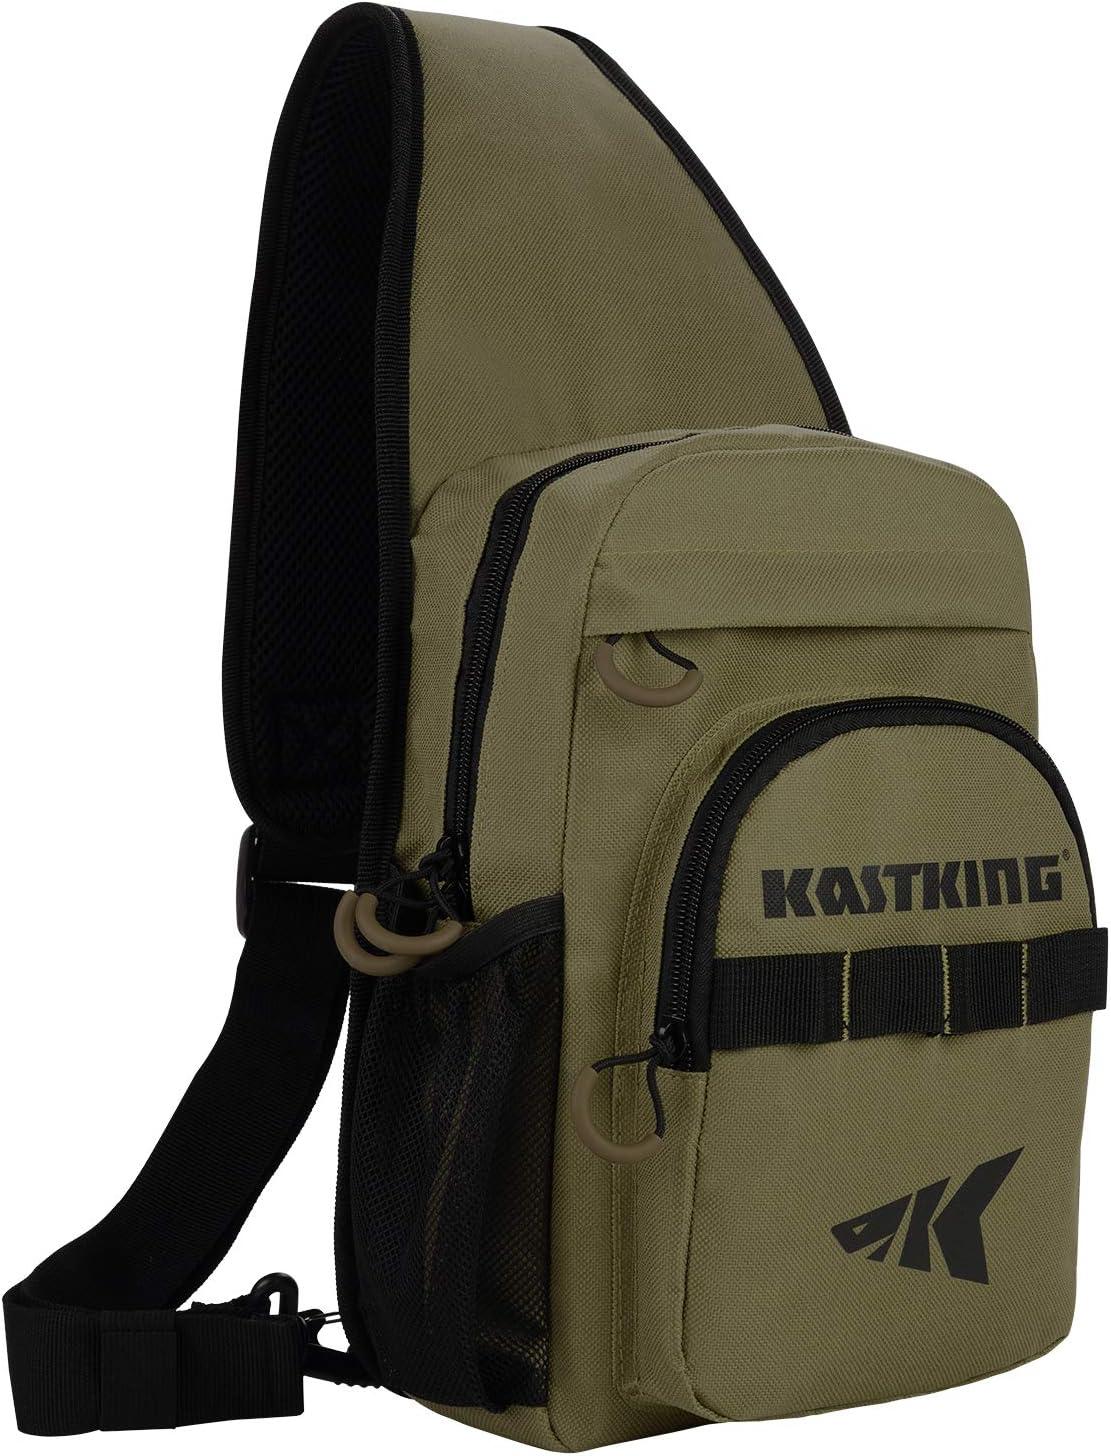 KastKing Sling Fishing Bag